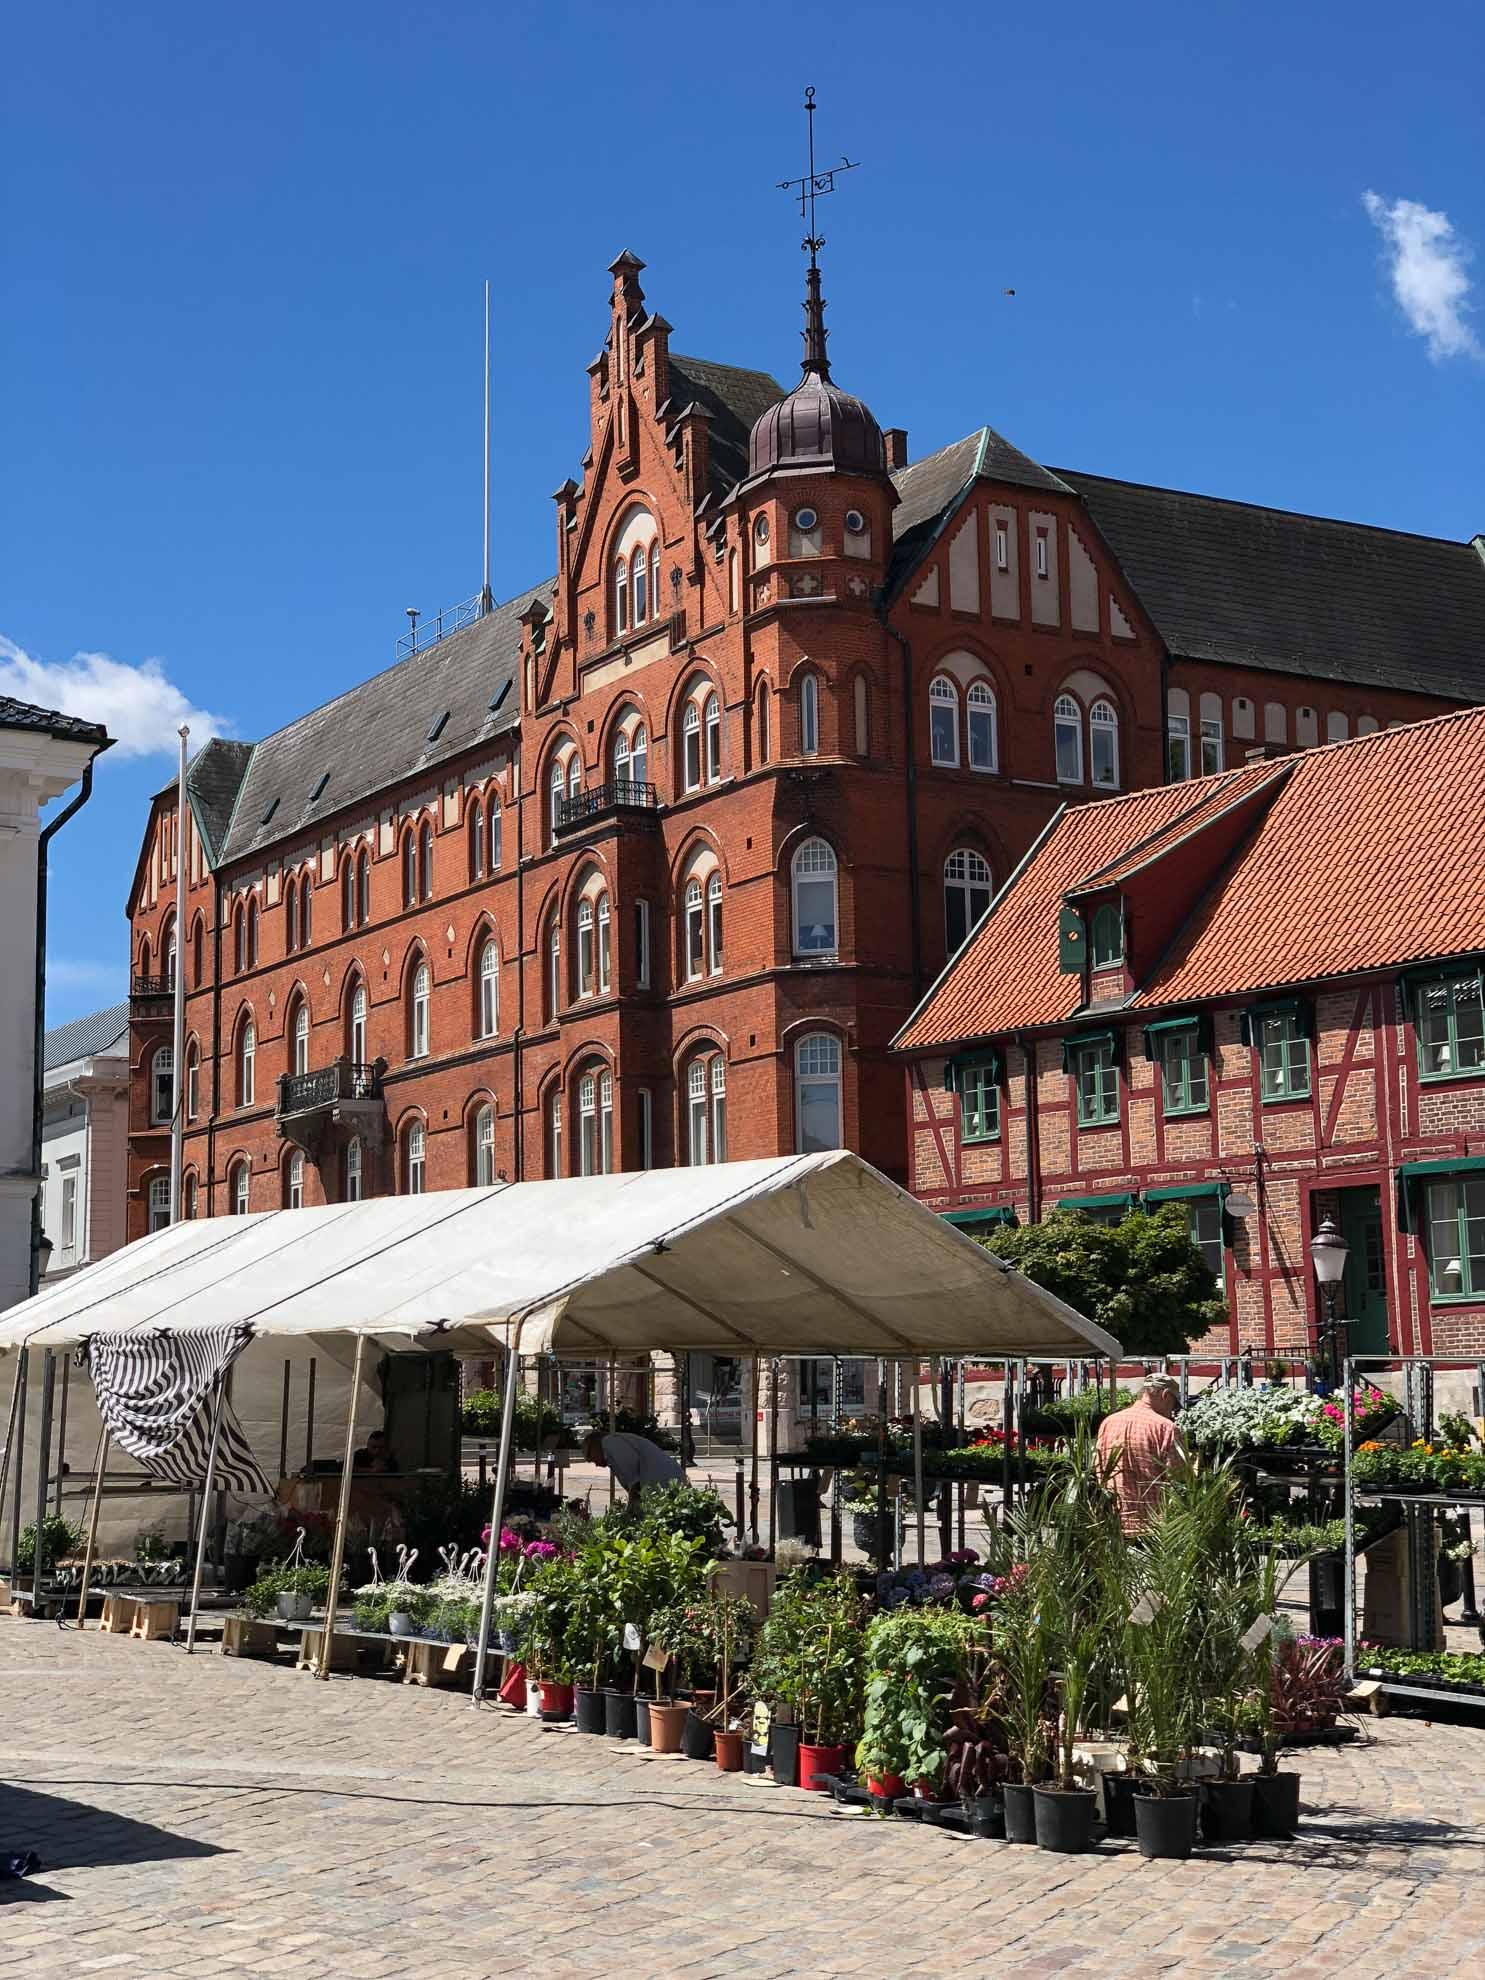 Auch Karlskrona, die Barockstadt am Wasser, liegt auf unserer Reiseroute.